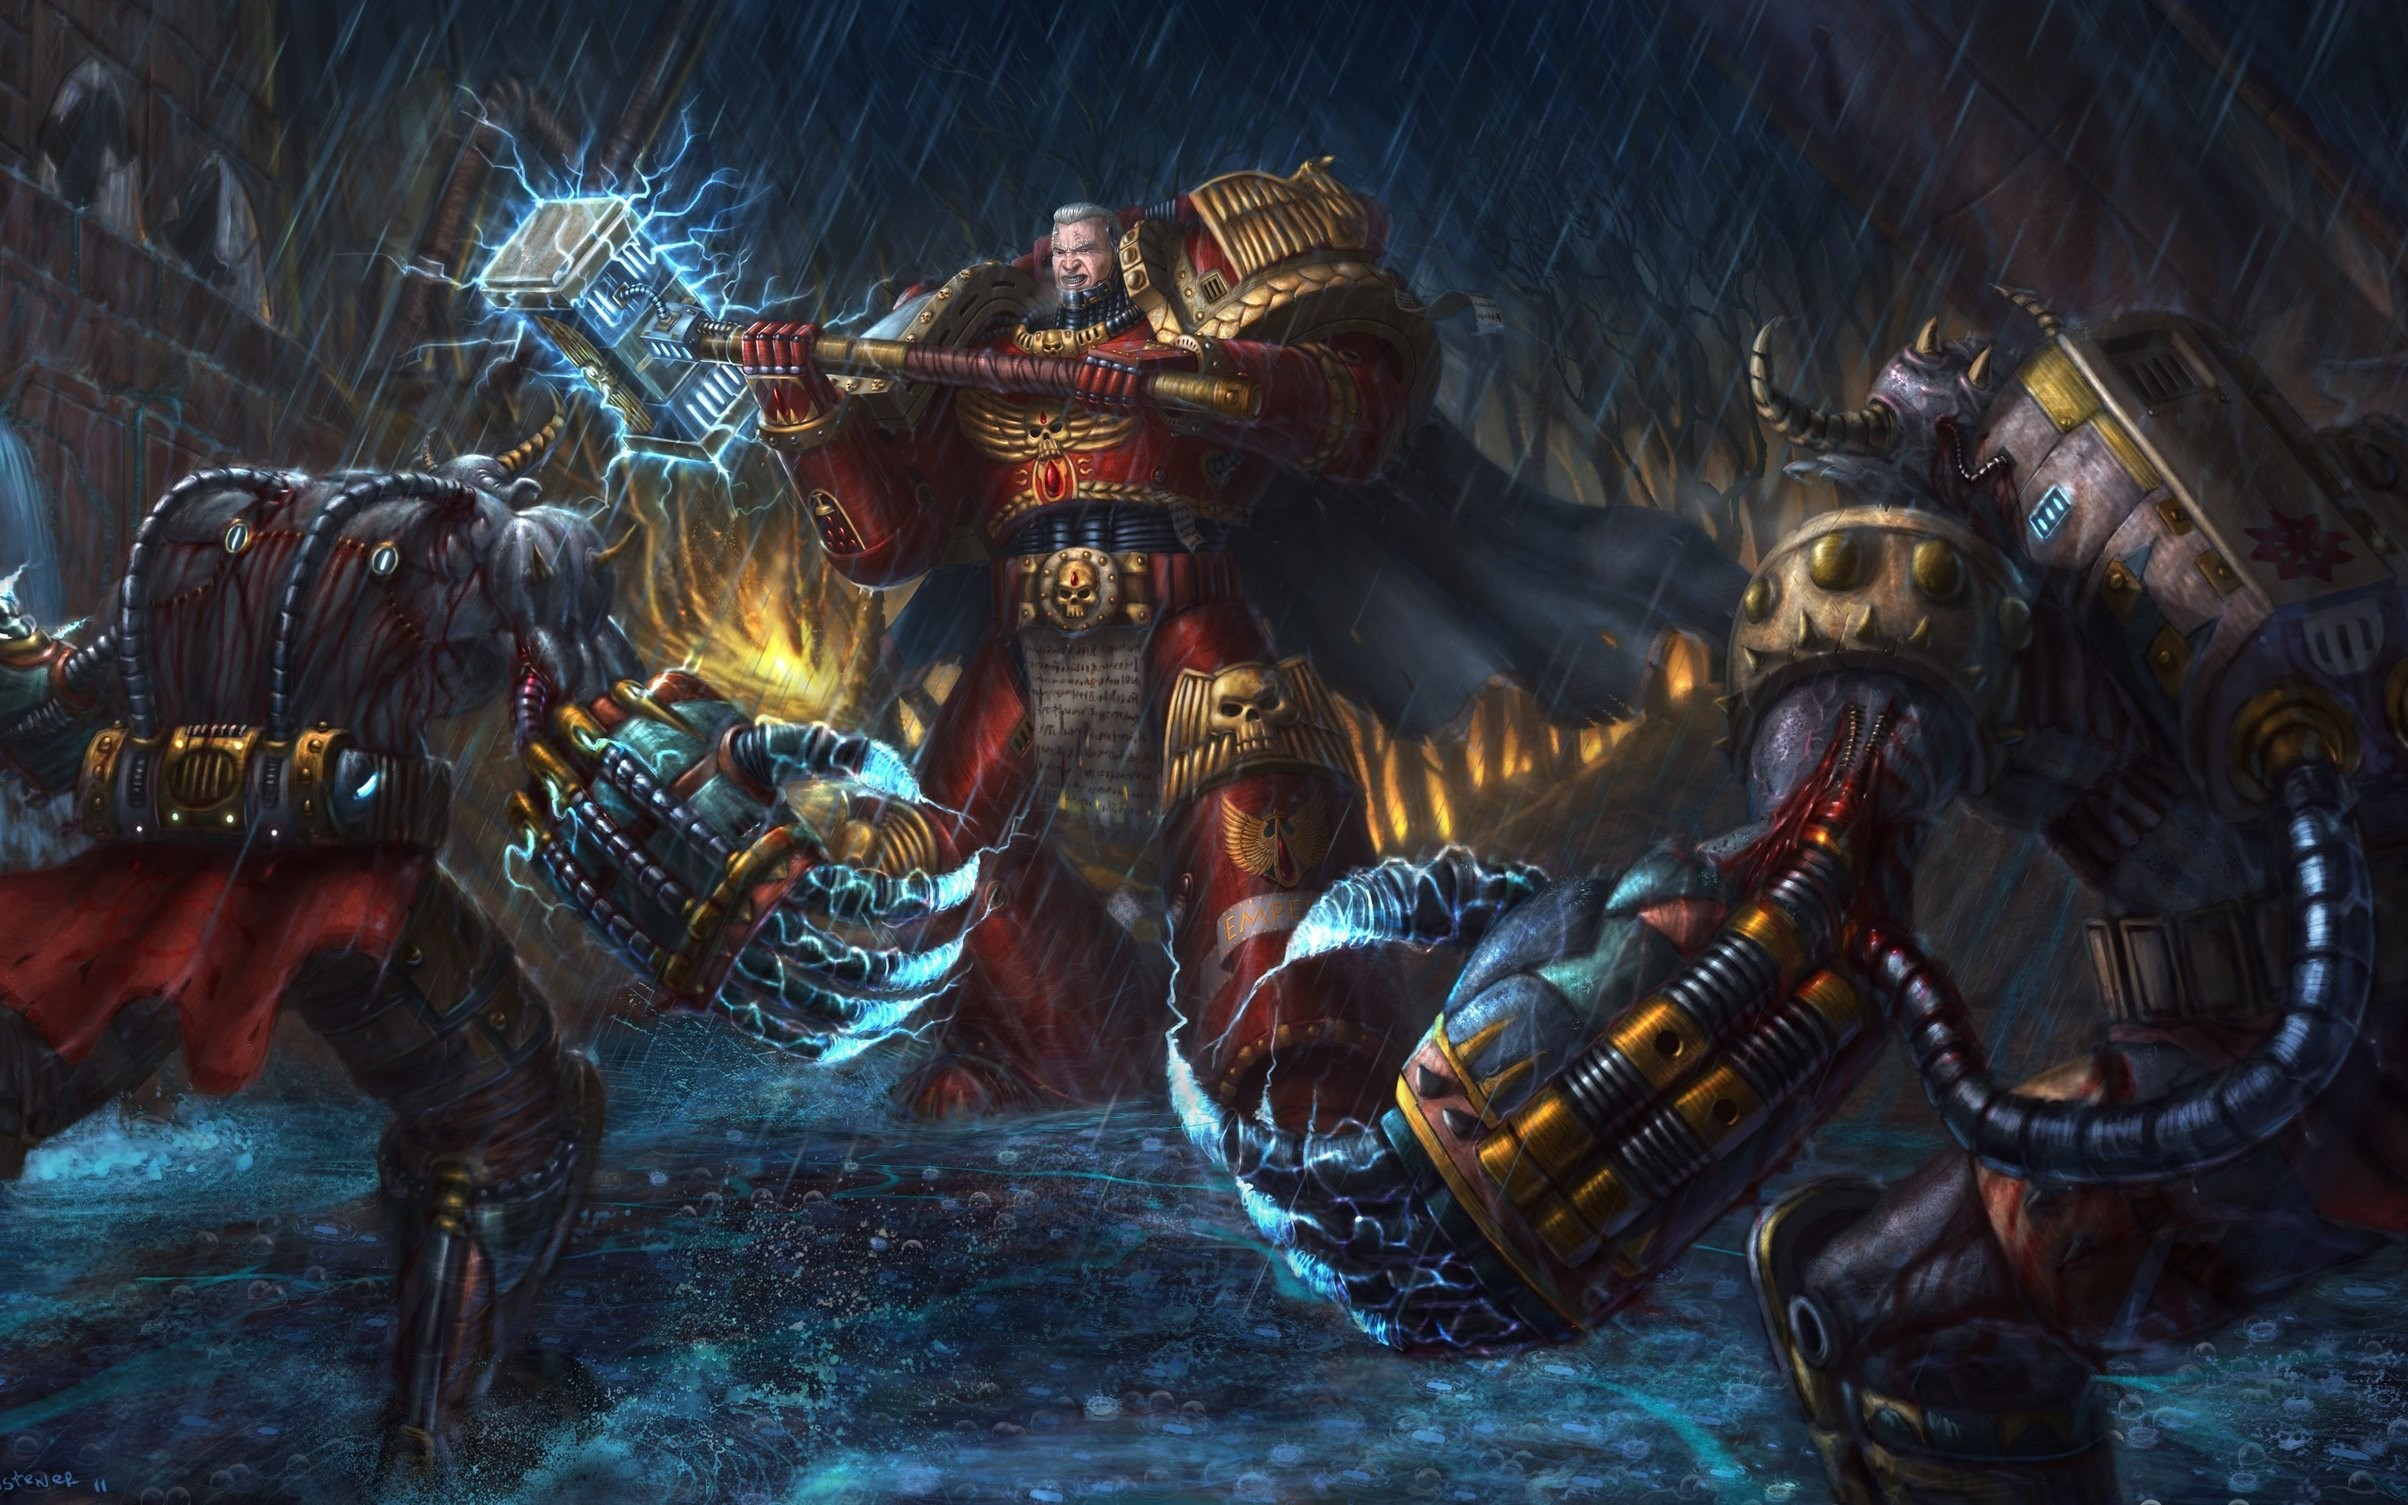 Warhammer 40K · Warhammer Wallpaper